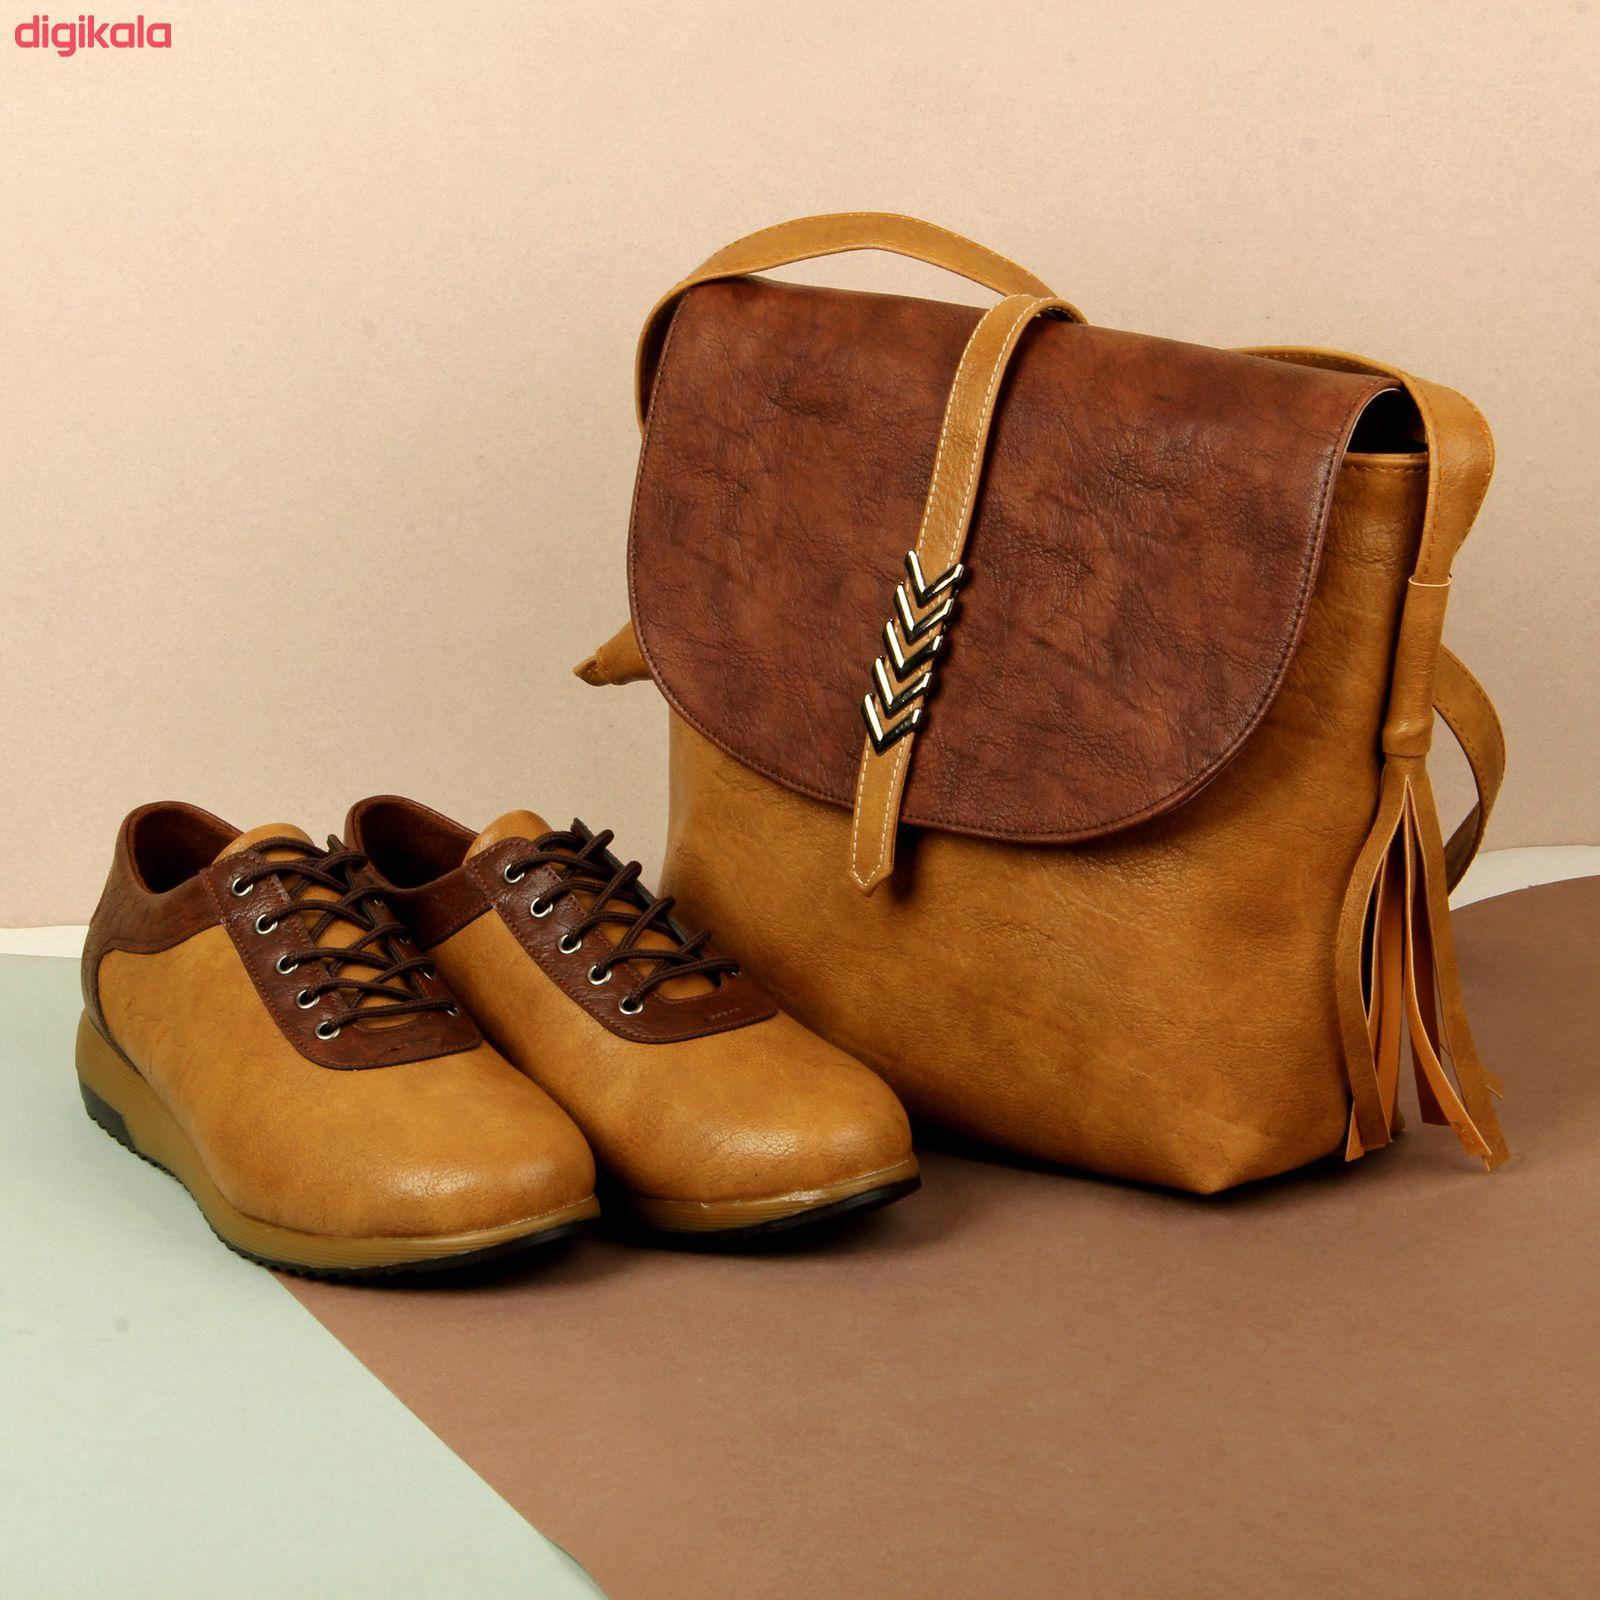 ست کیف و کفش زنانه باب مدل ثمین کد 928-3 main 1 9